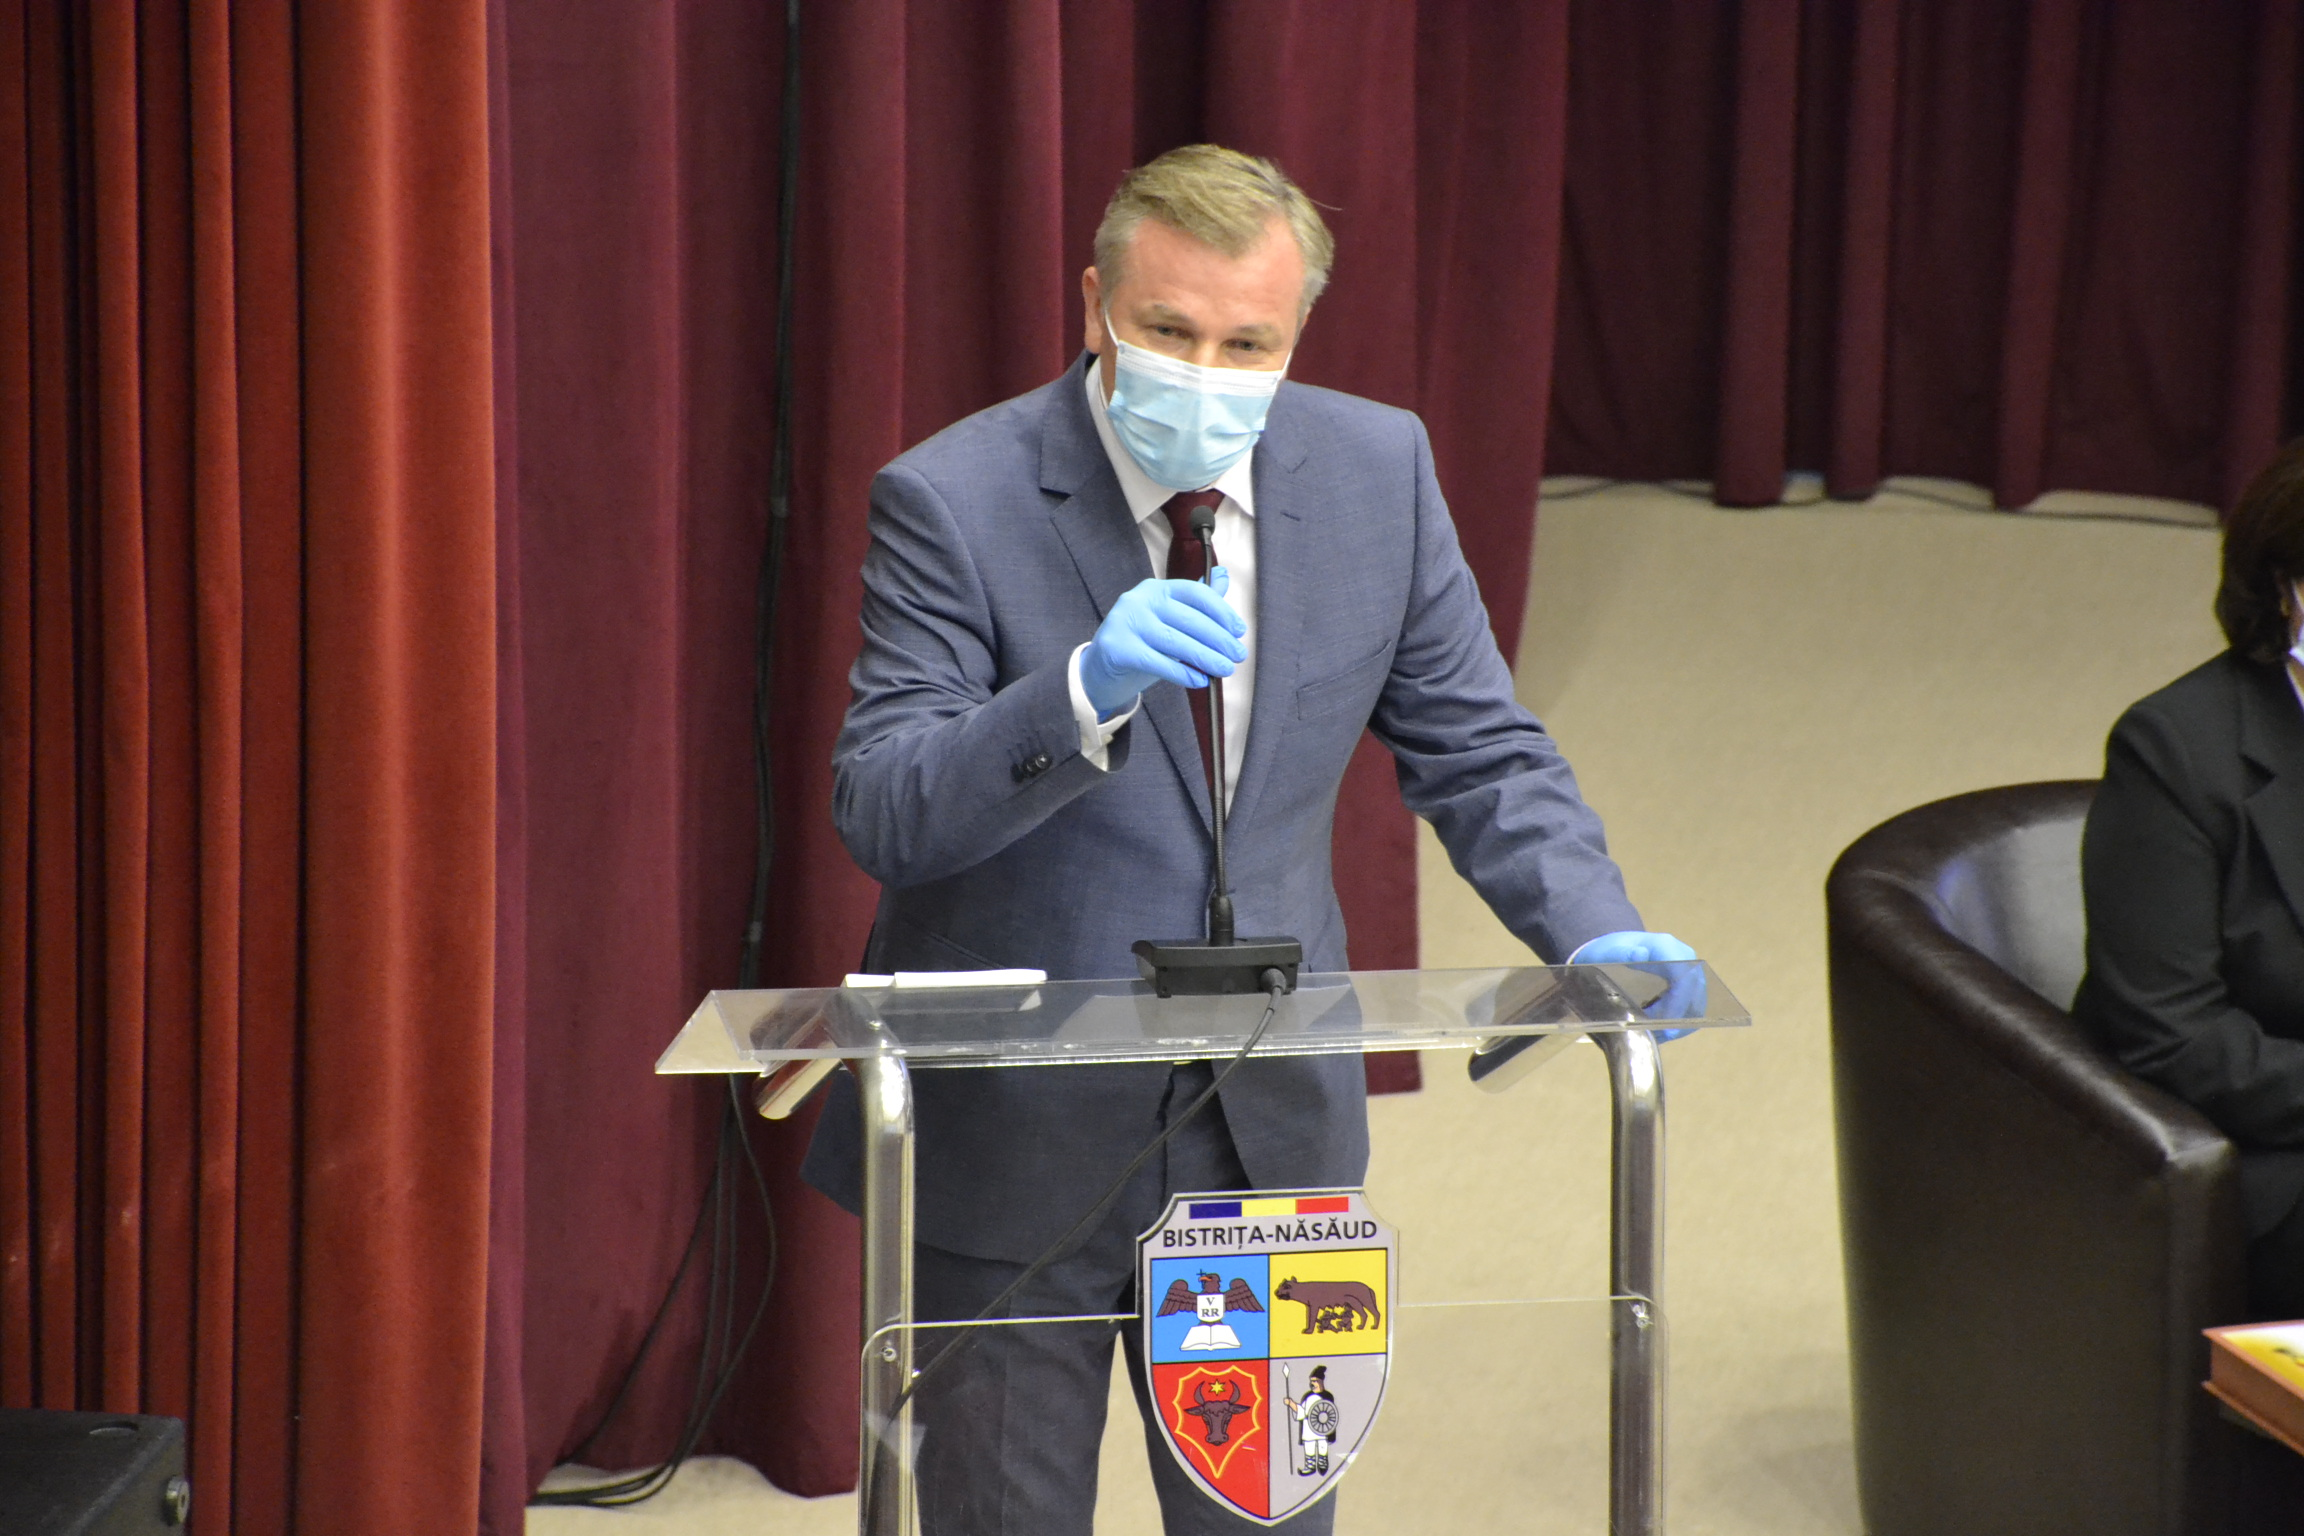 Prefectul Stelian Dolha a primit rezultatul testării COVID-19